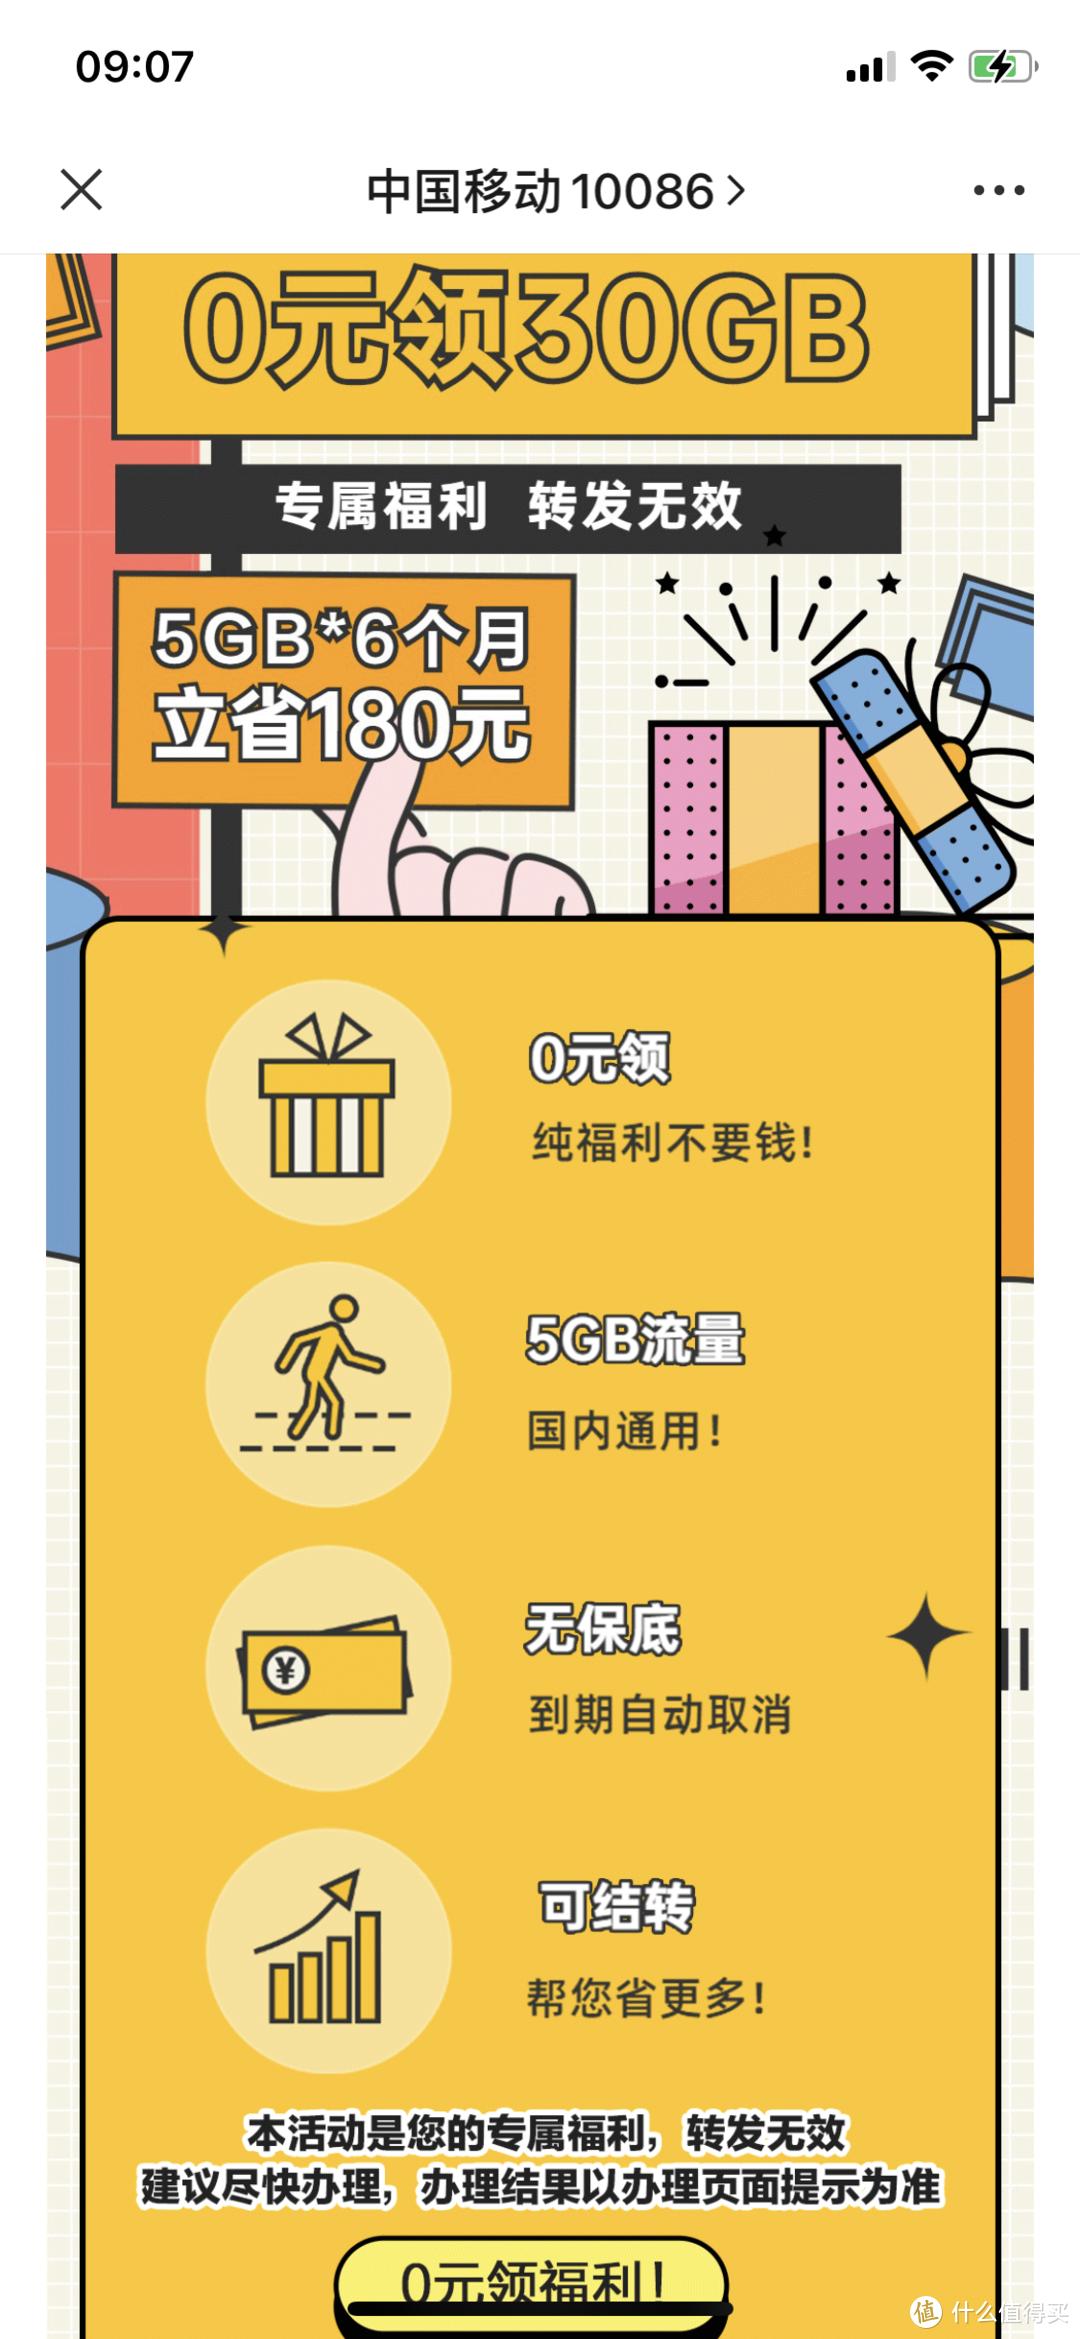 电话卡如何办理最便宜的套餐?教你办移动8元和联通9元的保号套餐。